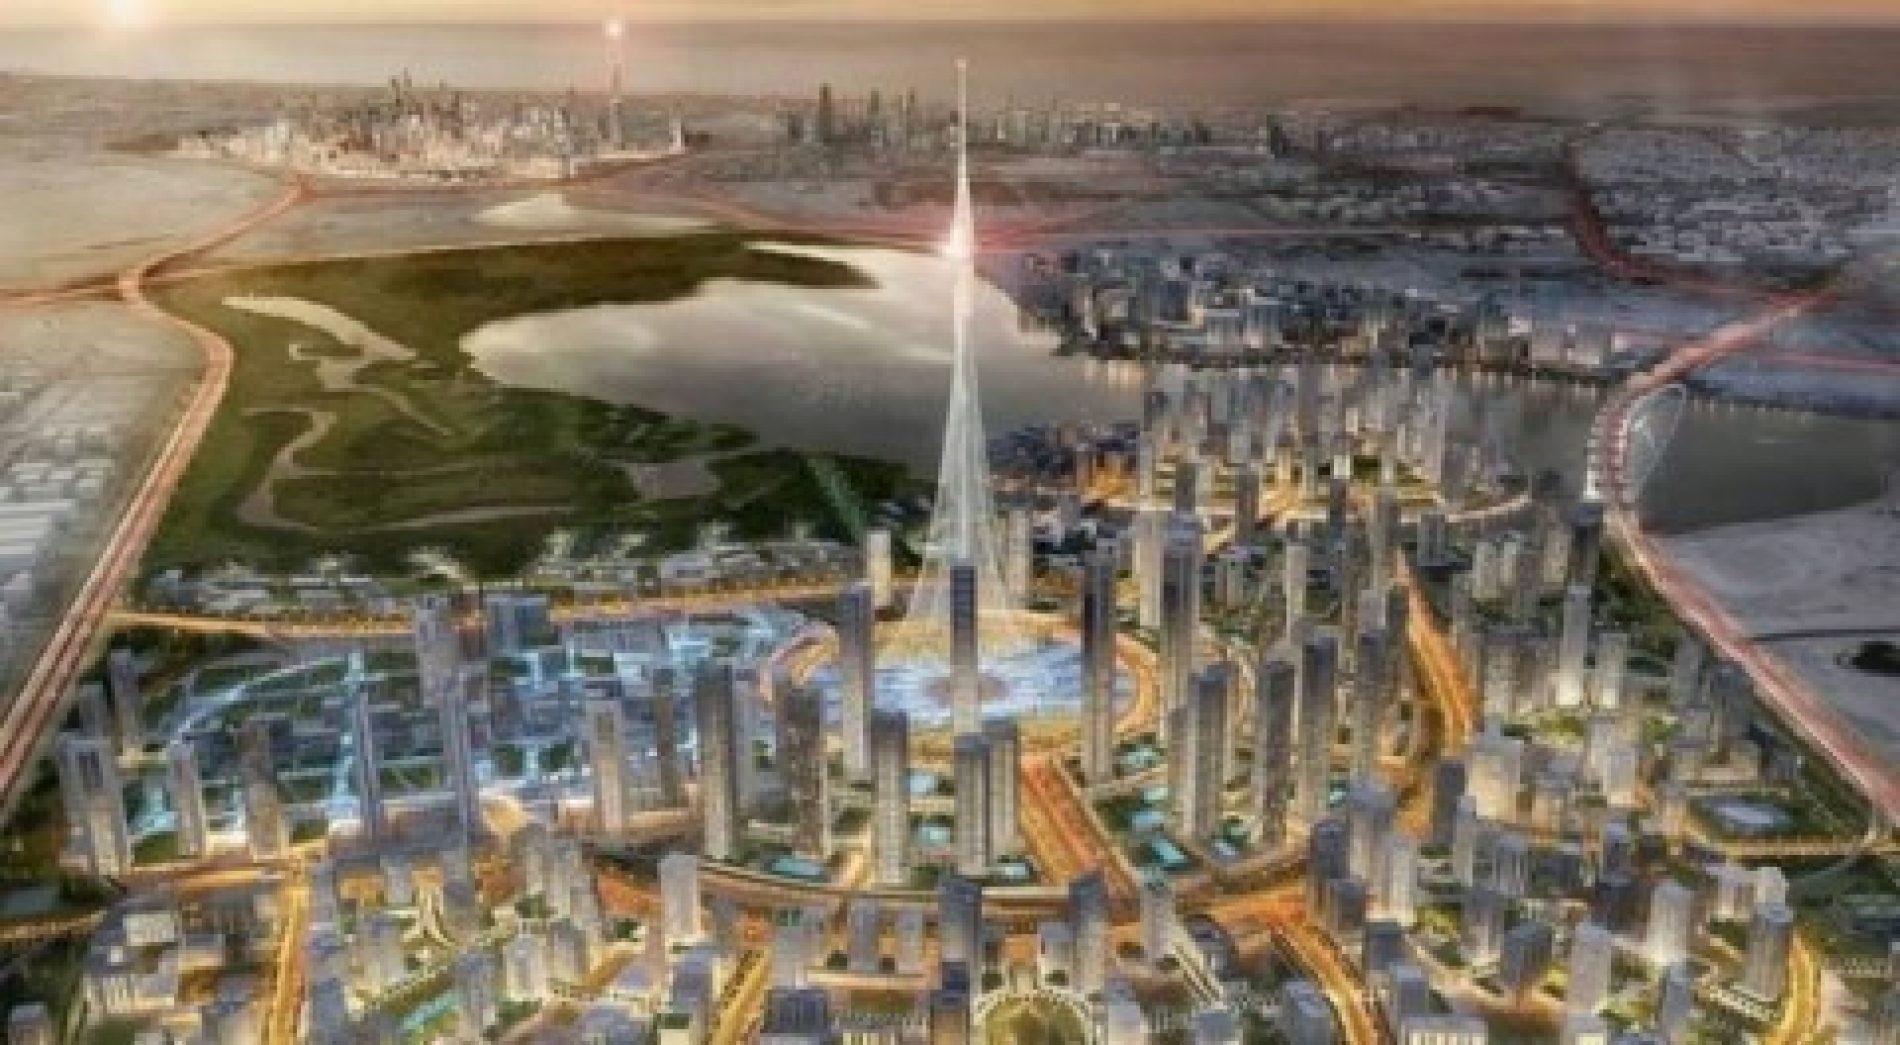 Dubai me rekord të ri: Një rrokaqiell më i lartë se Burj Khalifa (Foto)